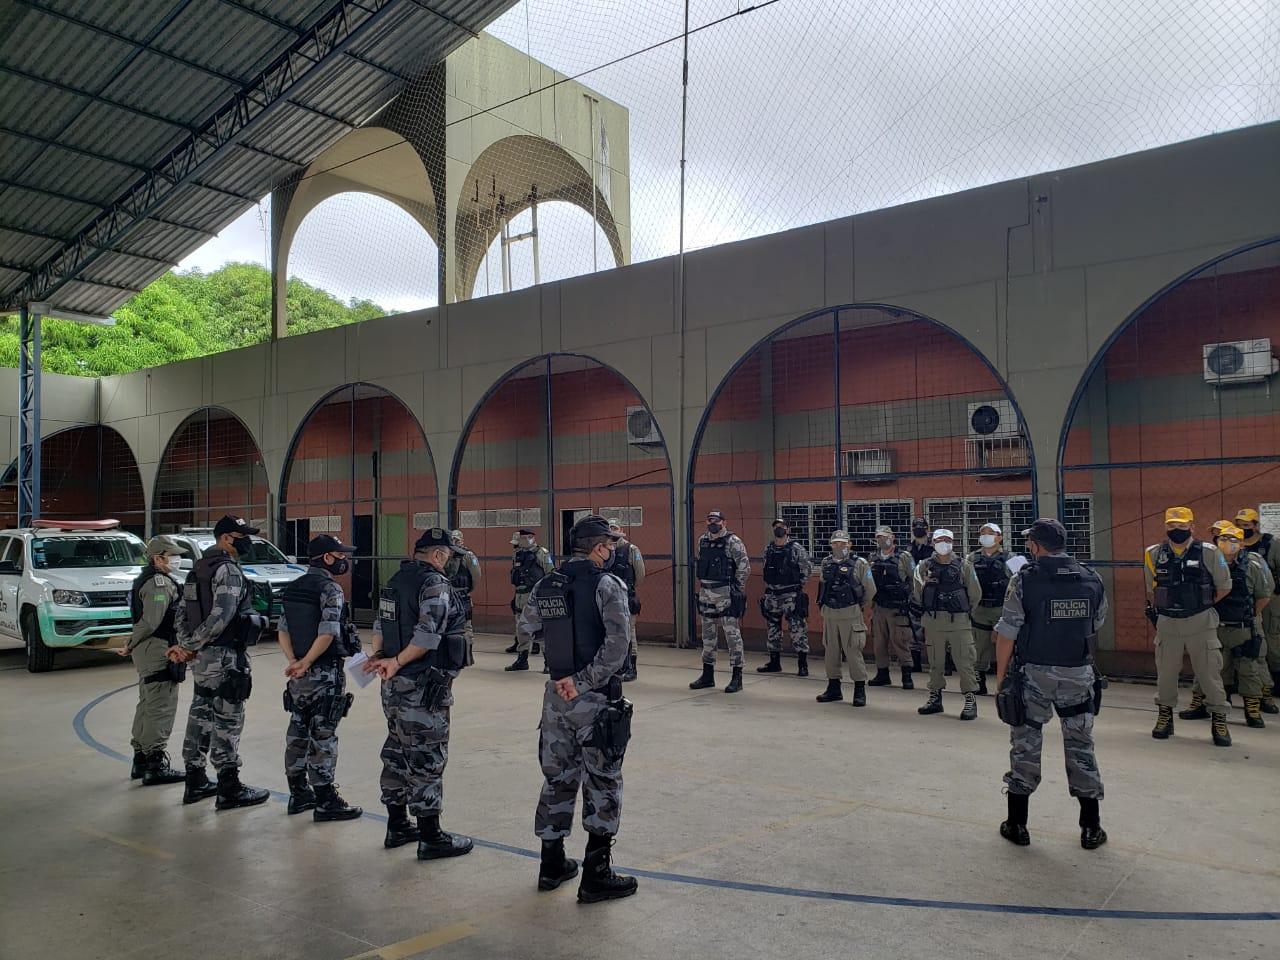 Concurso da Polícia Militar do Piauí oferecerá 690 vagas. (Foto: Divulgação)Concurso da Polícia Militar do Piauí oferecerá 690 vagas. (Foto: Divulgação)